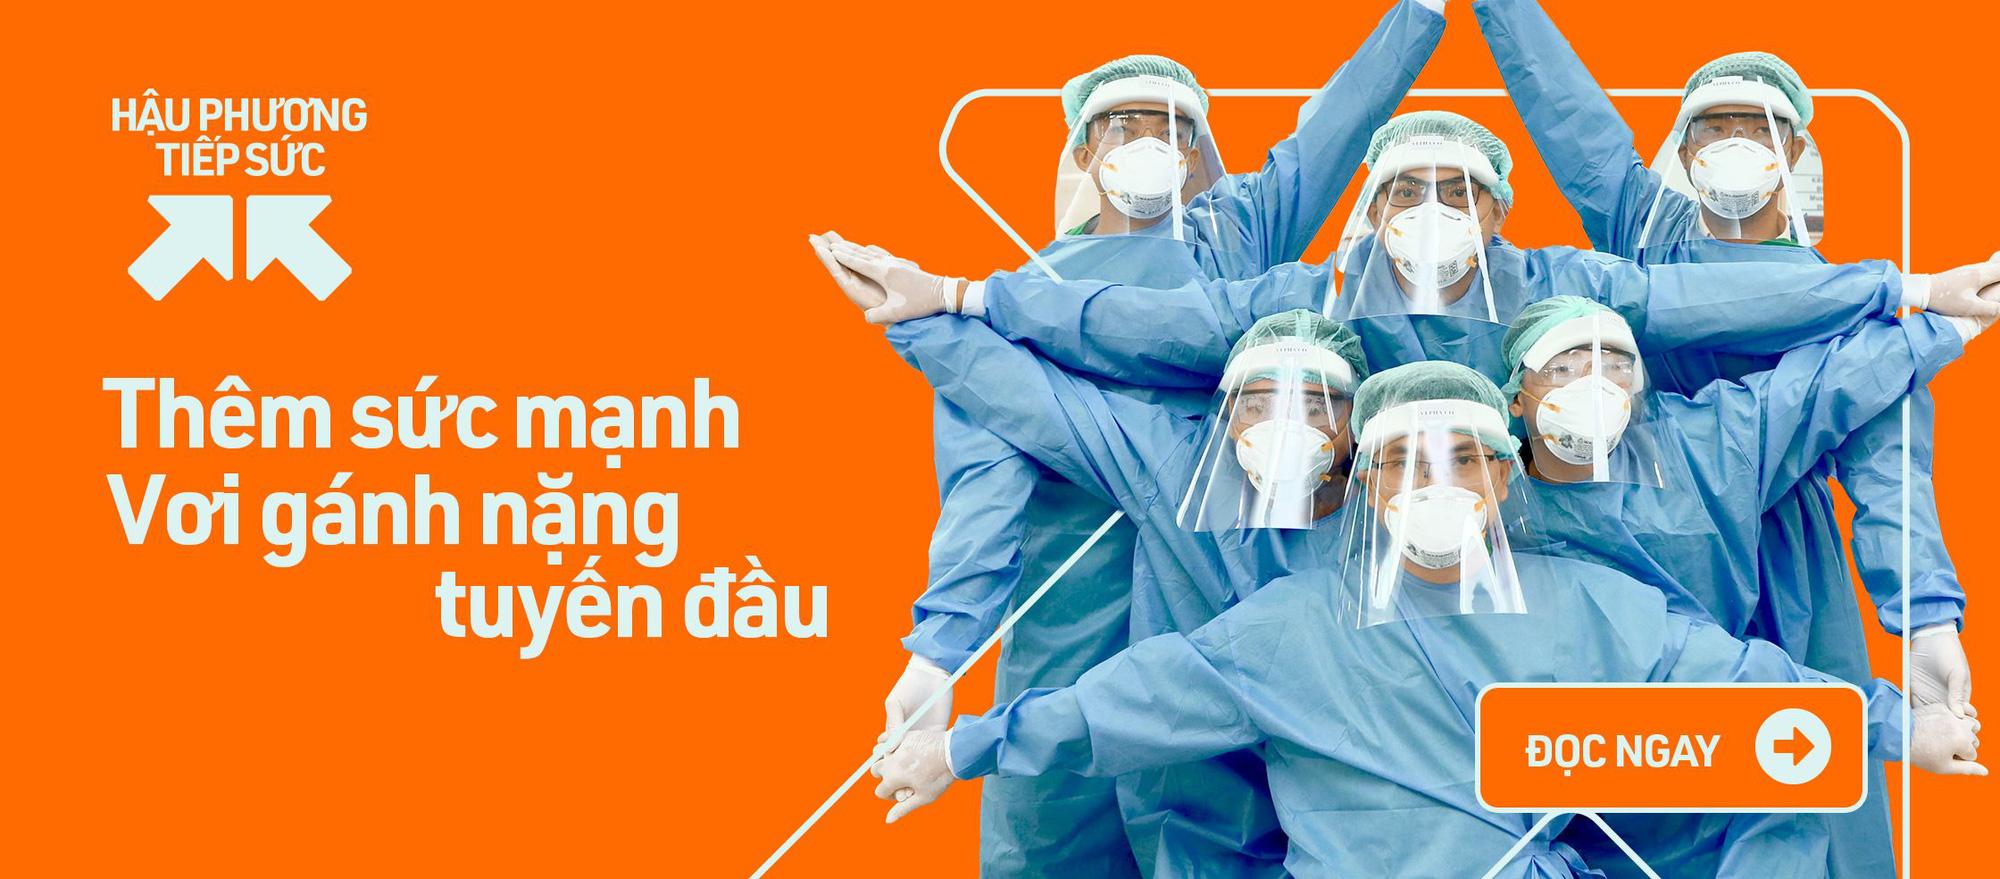 Tài xế xe tải chạy từ Tiền Giang ra Nghệ An xin làm test nhanh thì nhiễm SARS-CoV-2 - Ảnh 2.